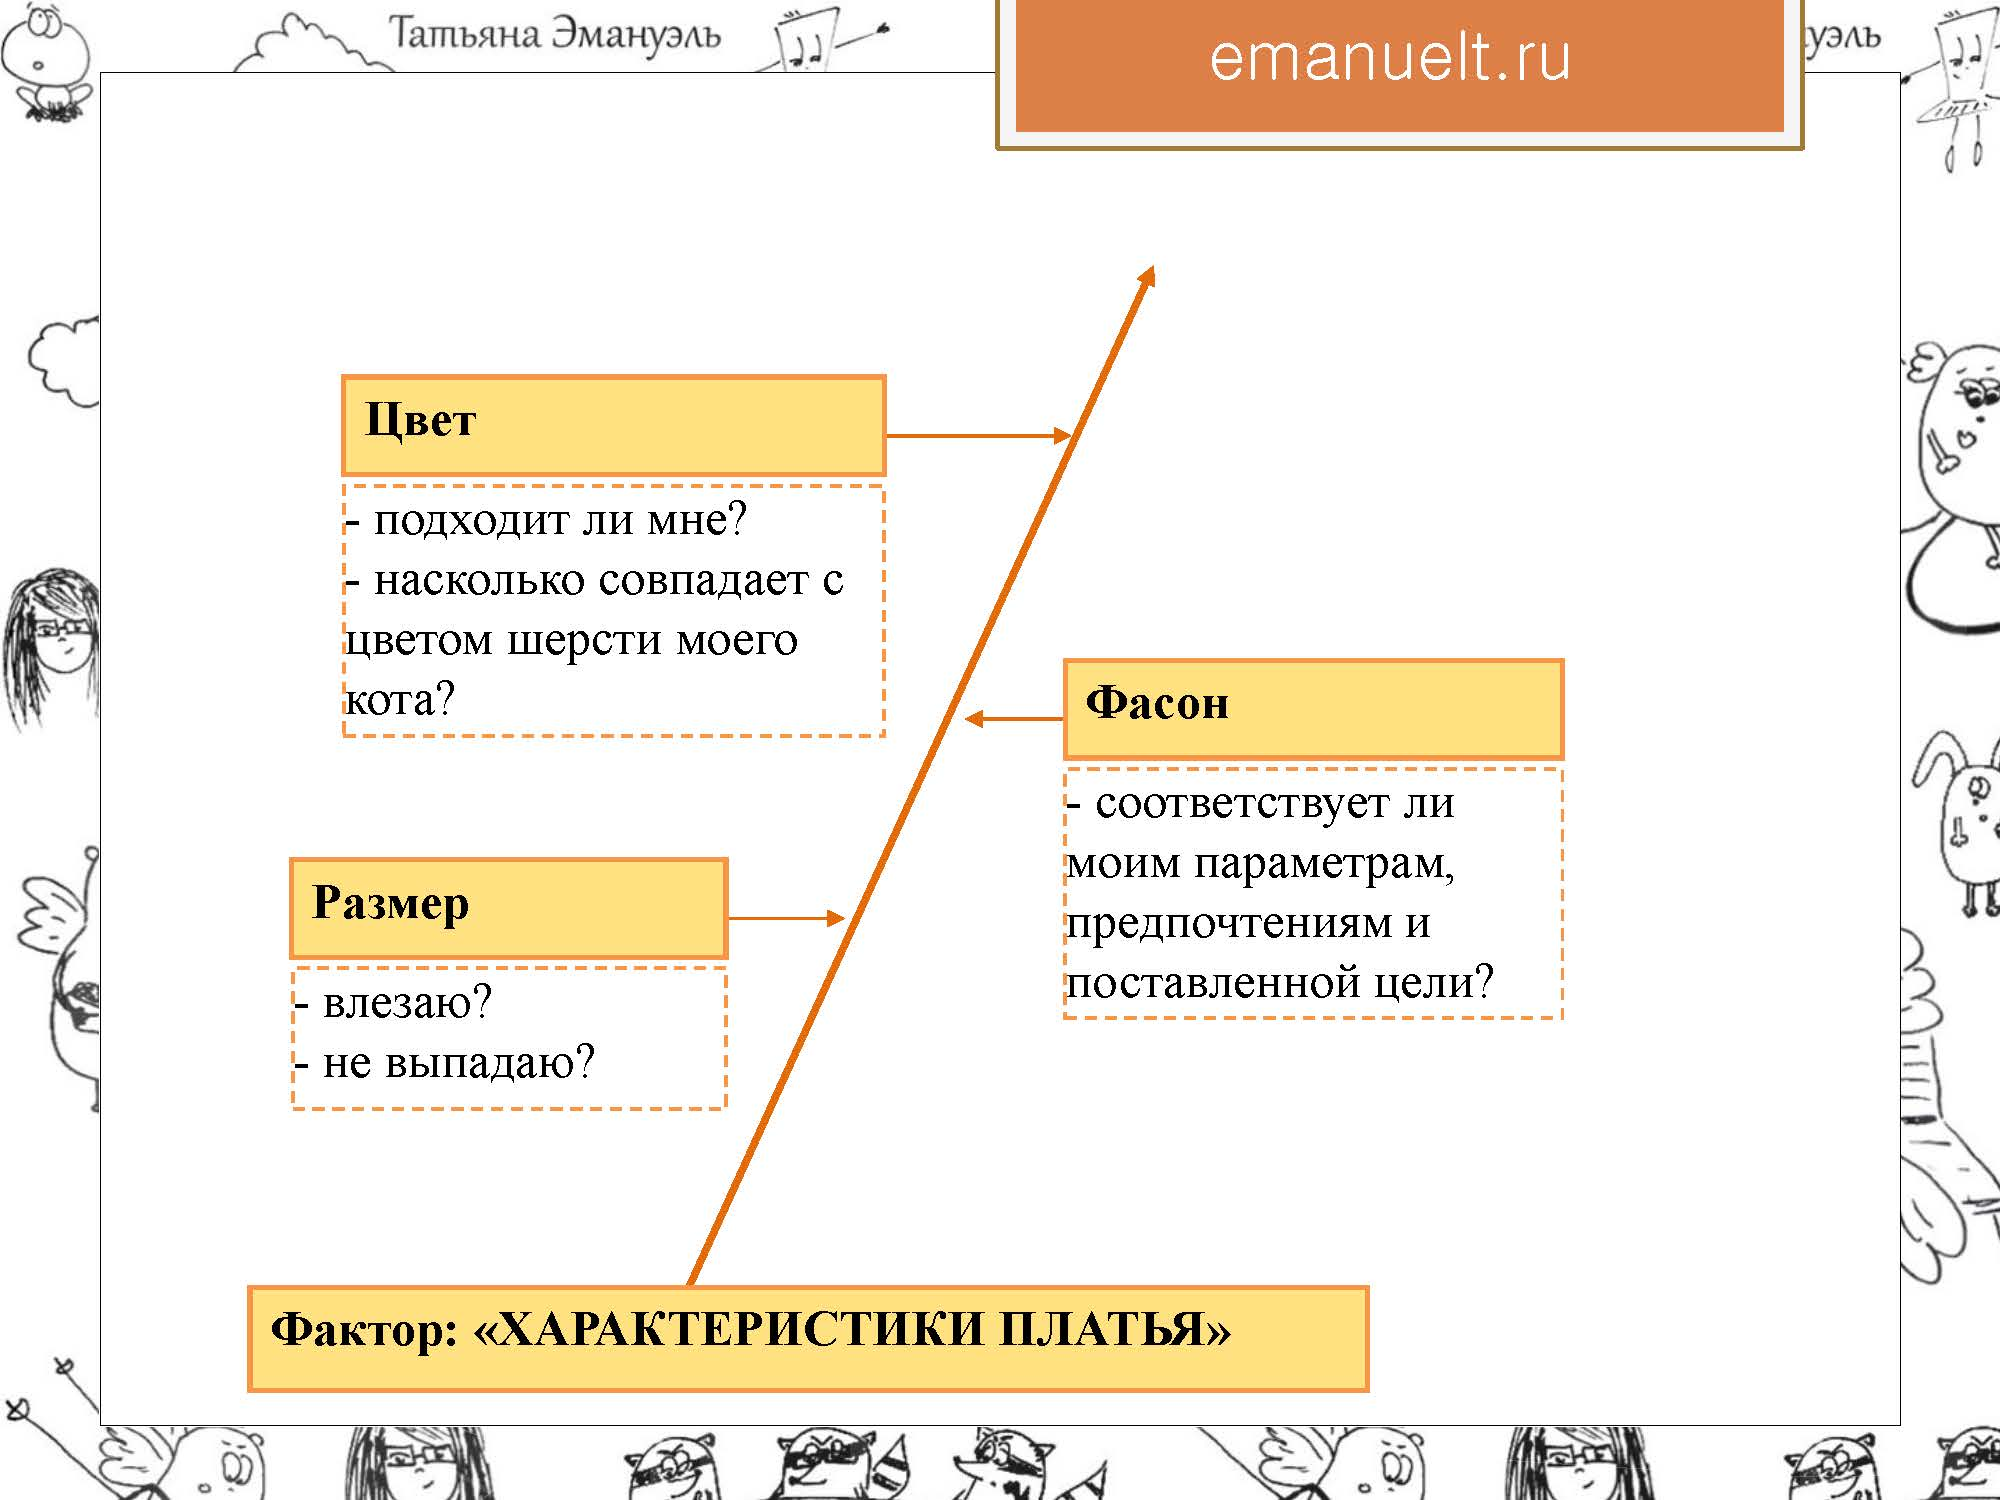 проектный эмануэль_Страница_27